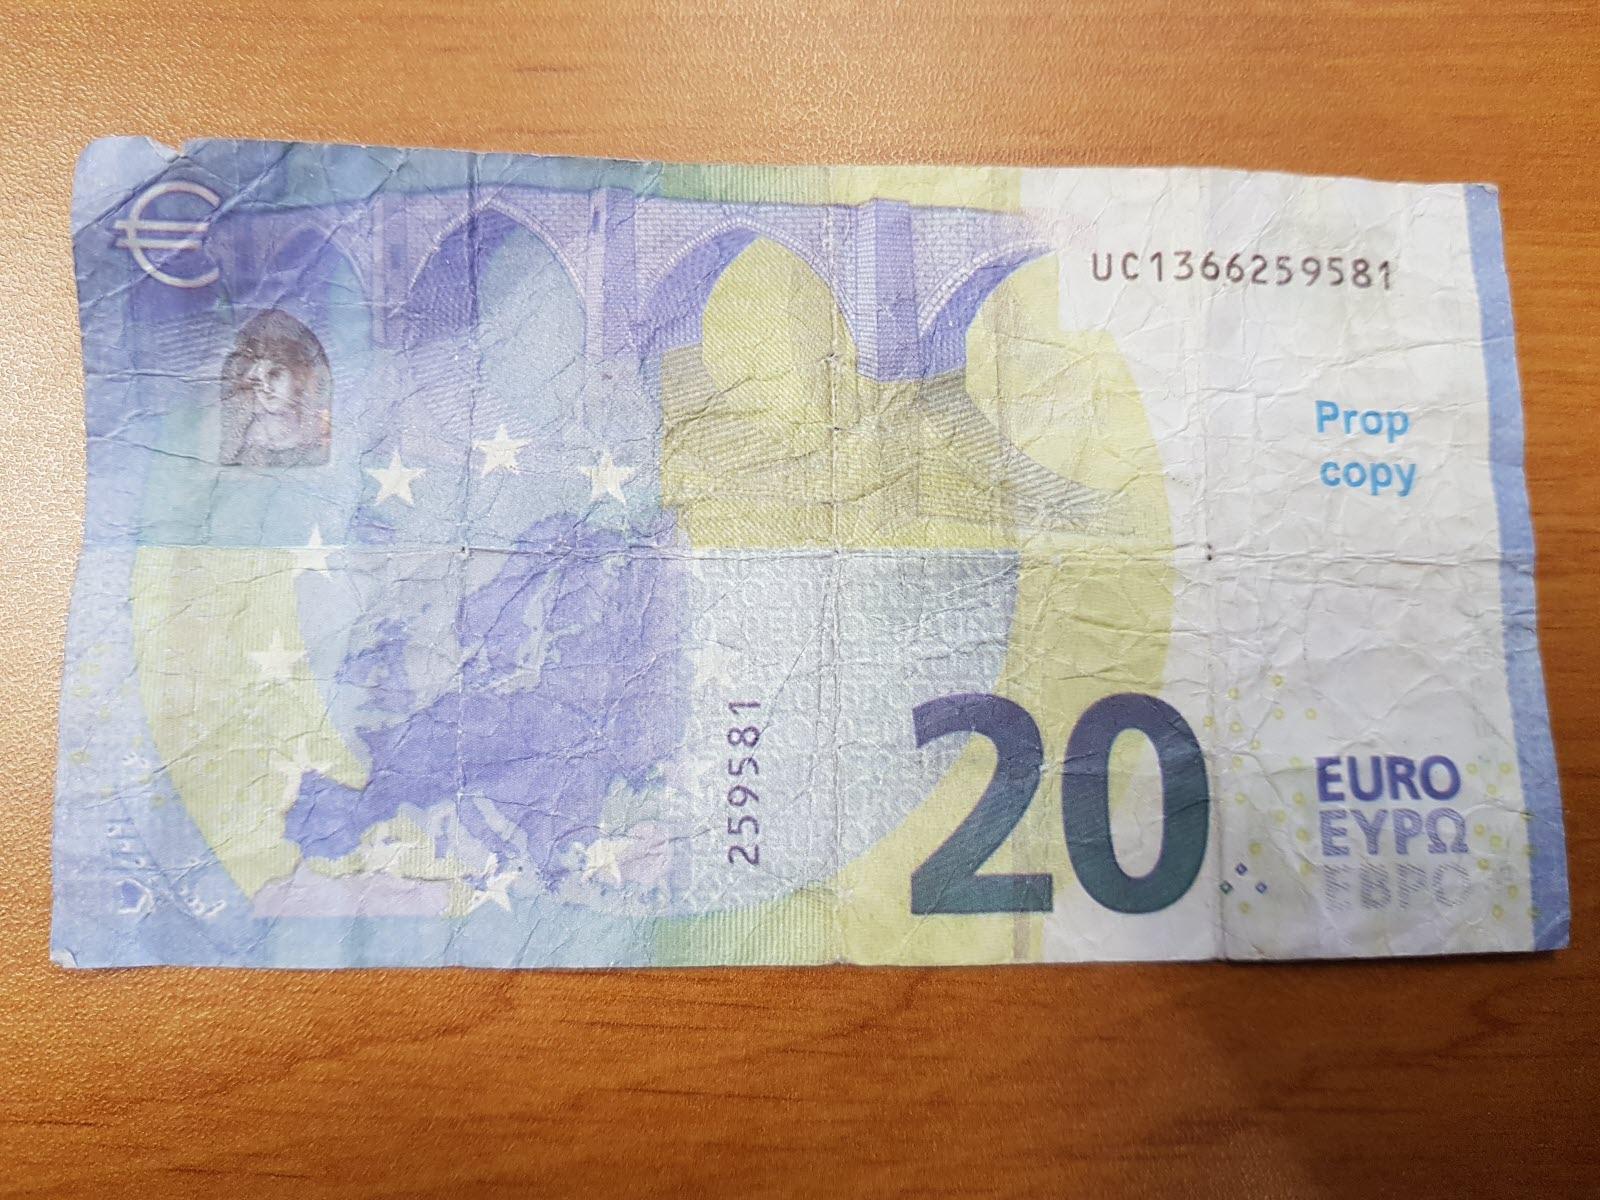 Edition Luneville | Faux Billets En Circulation : La Police tout Billet A Imprimer